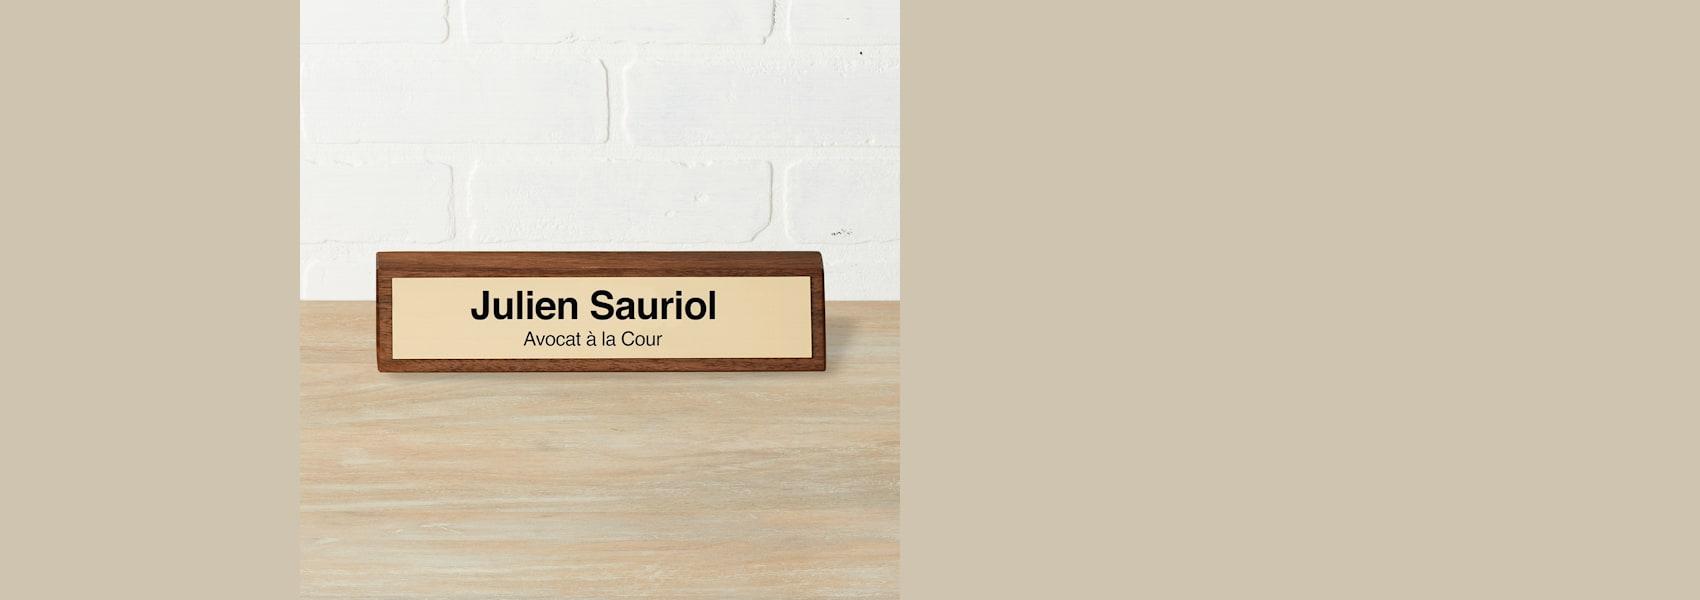 plaques nominatives de bureau personnalisées